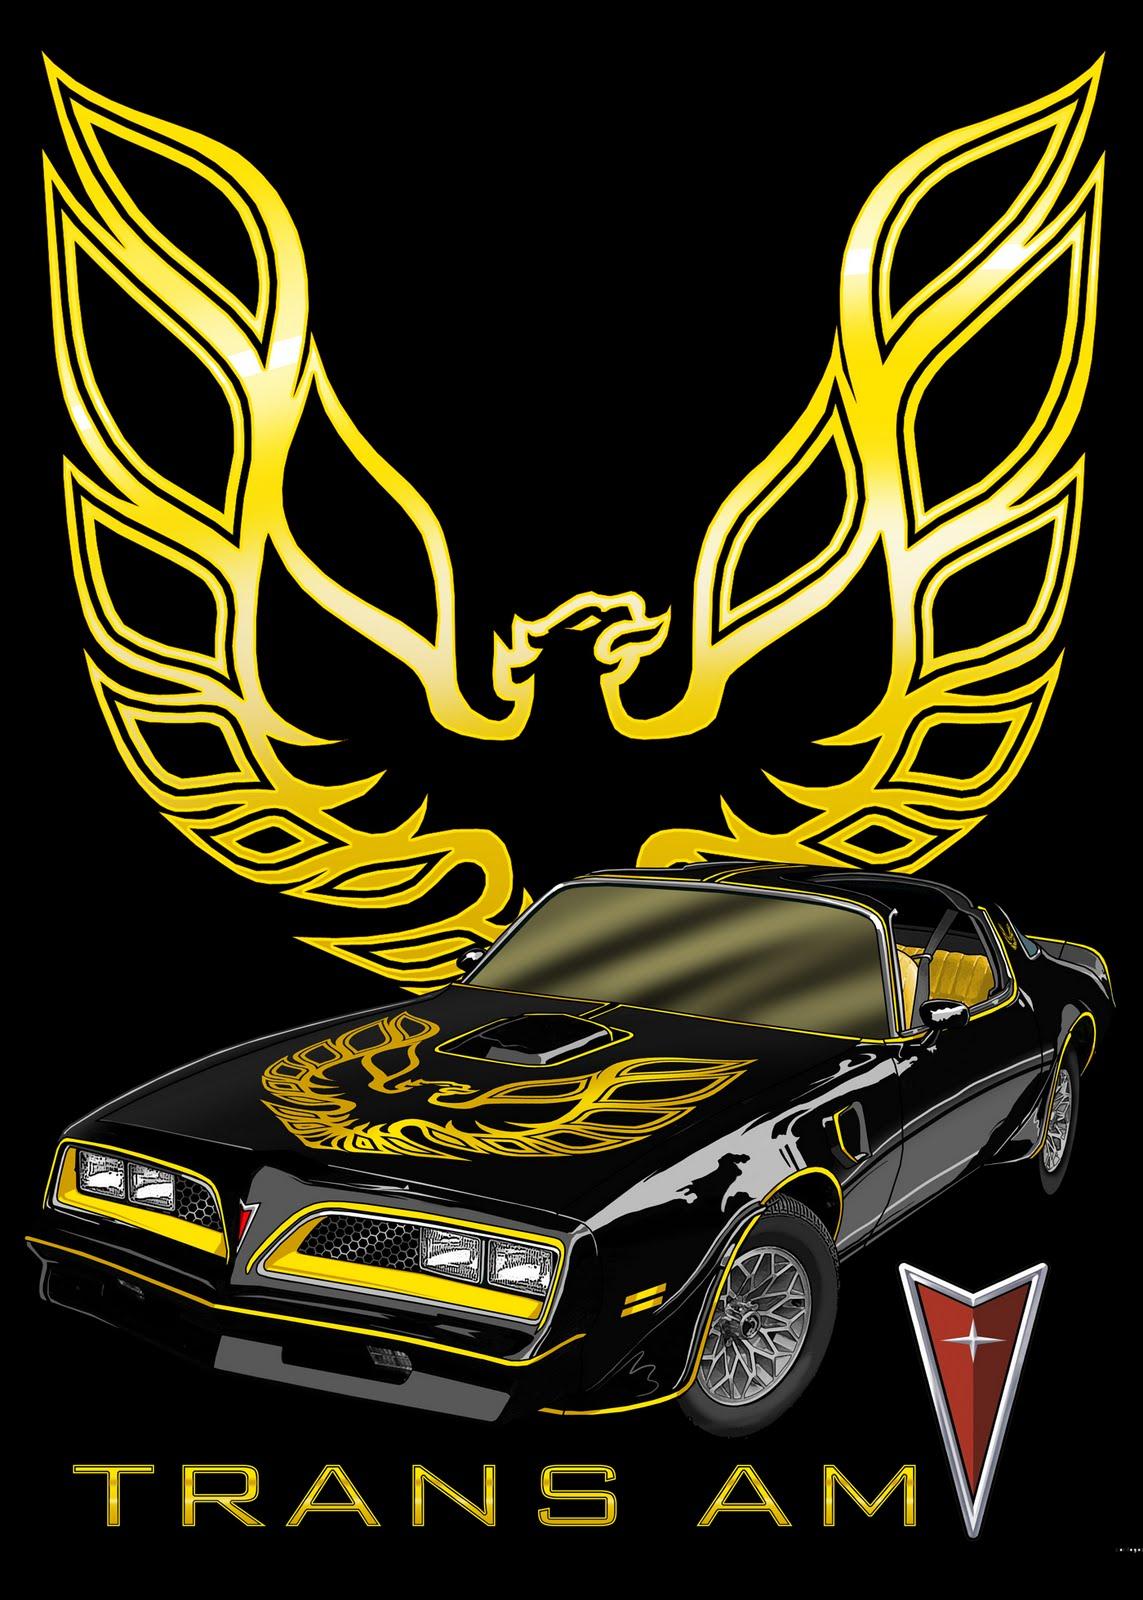 Pontiac Firebird Logo Wallpaper